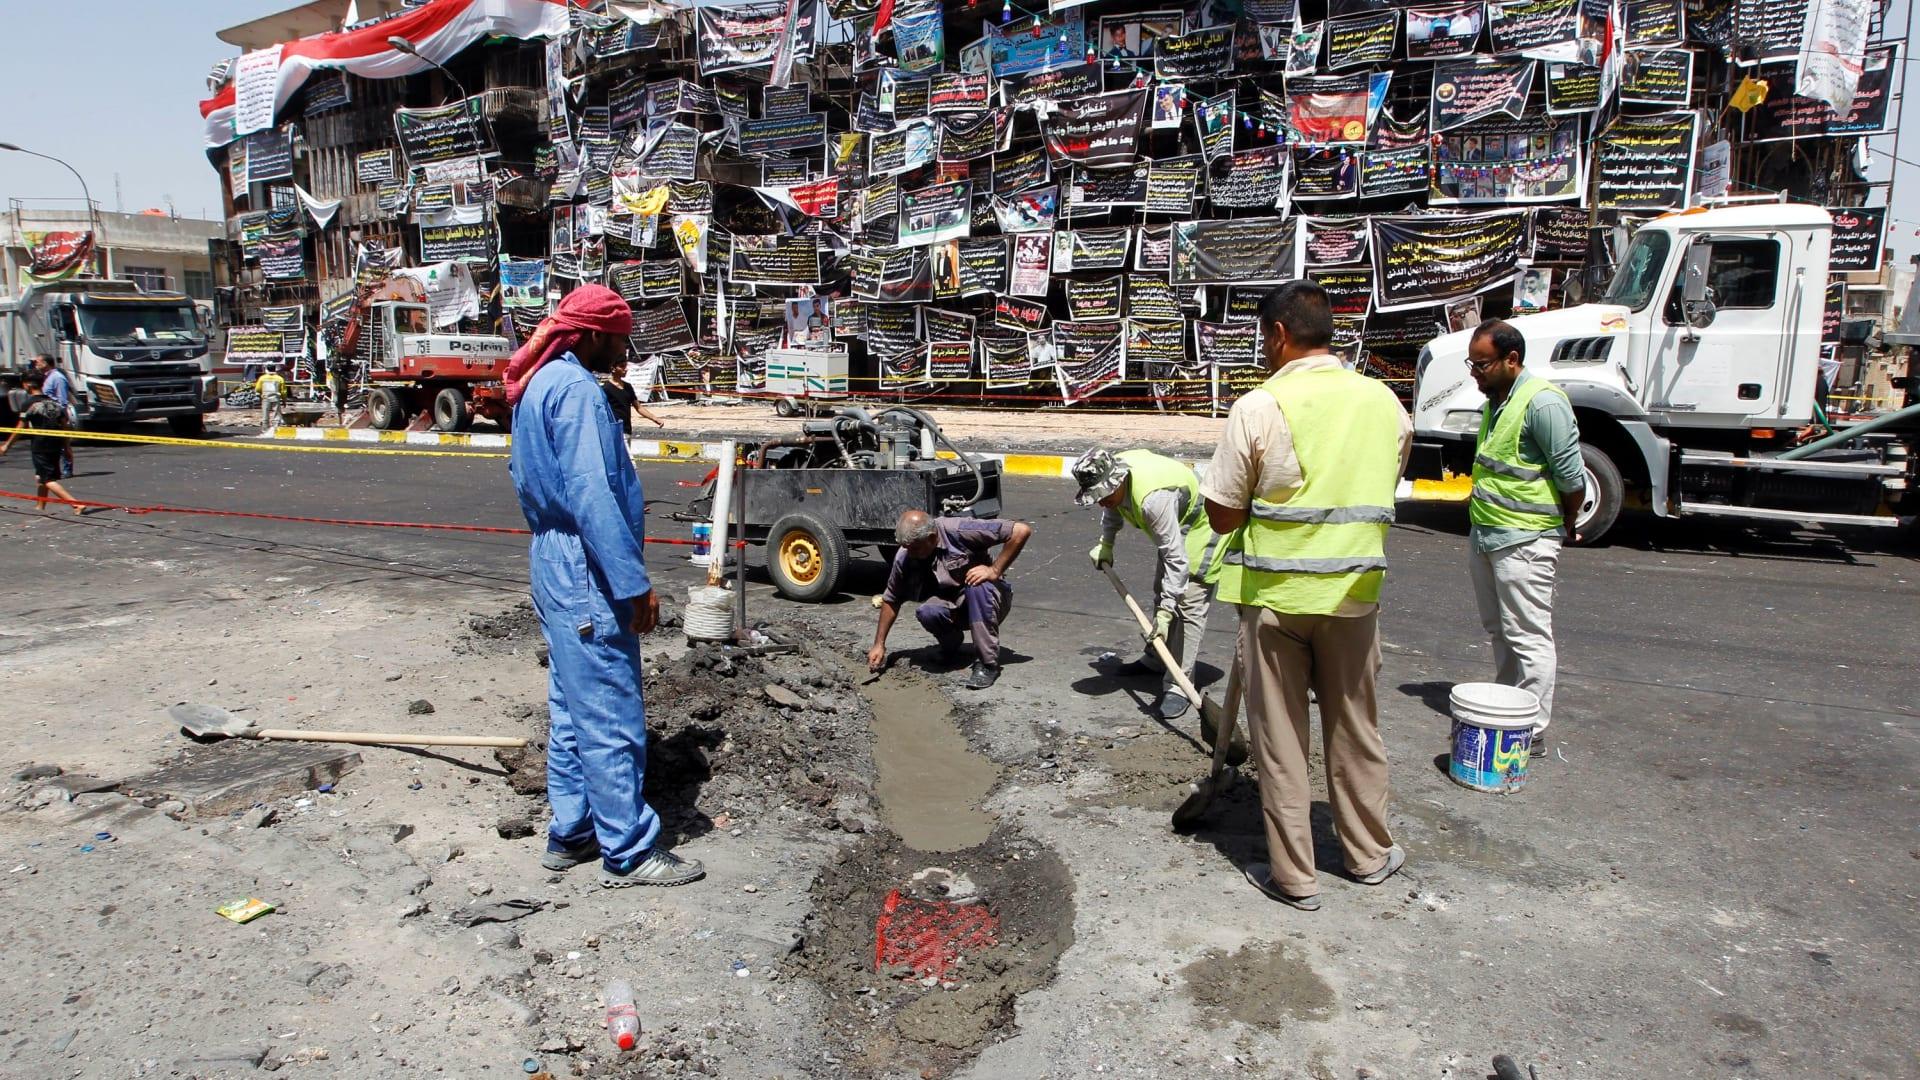 بعد أيام من تفجير الكرادة.. قتلى وجرحى إثر انفجار سيارة مفخخة بحي شيعي في شمال بغداد